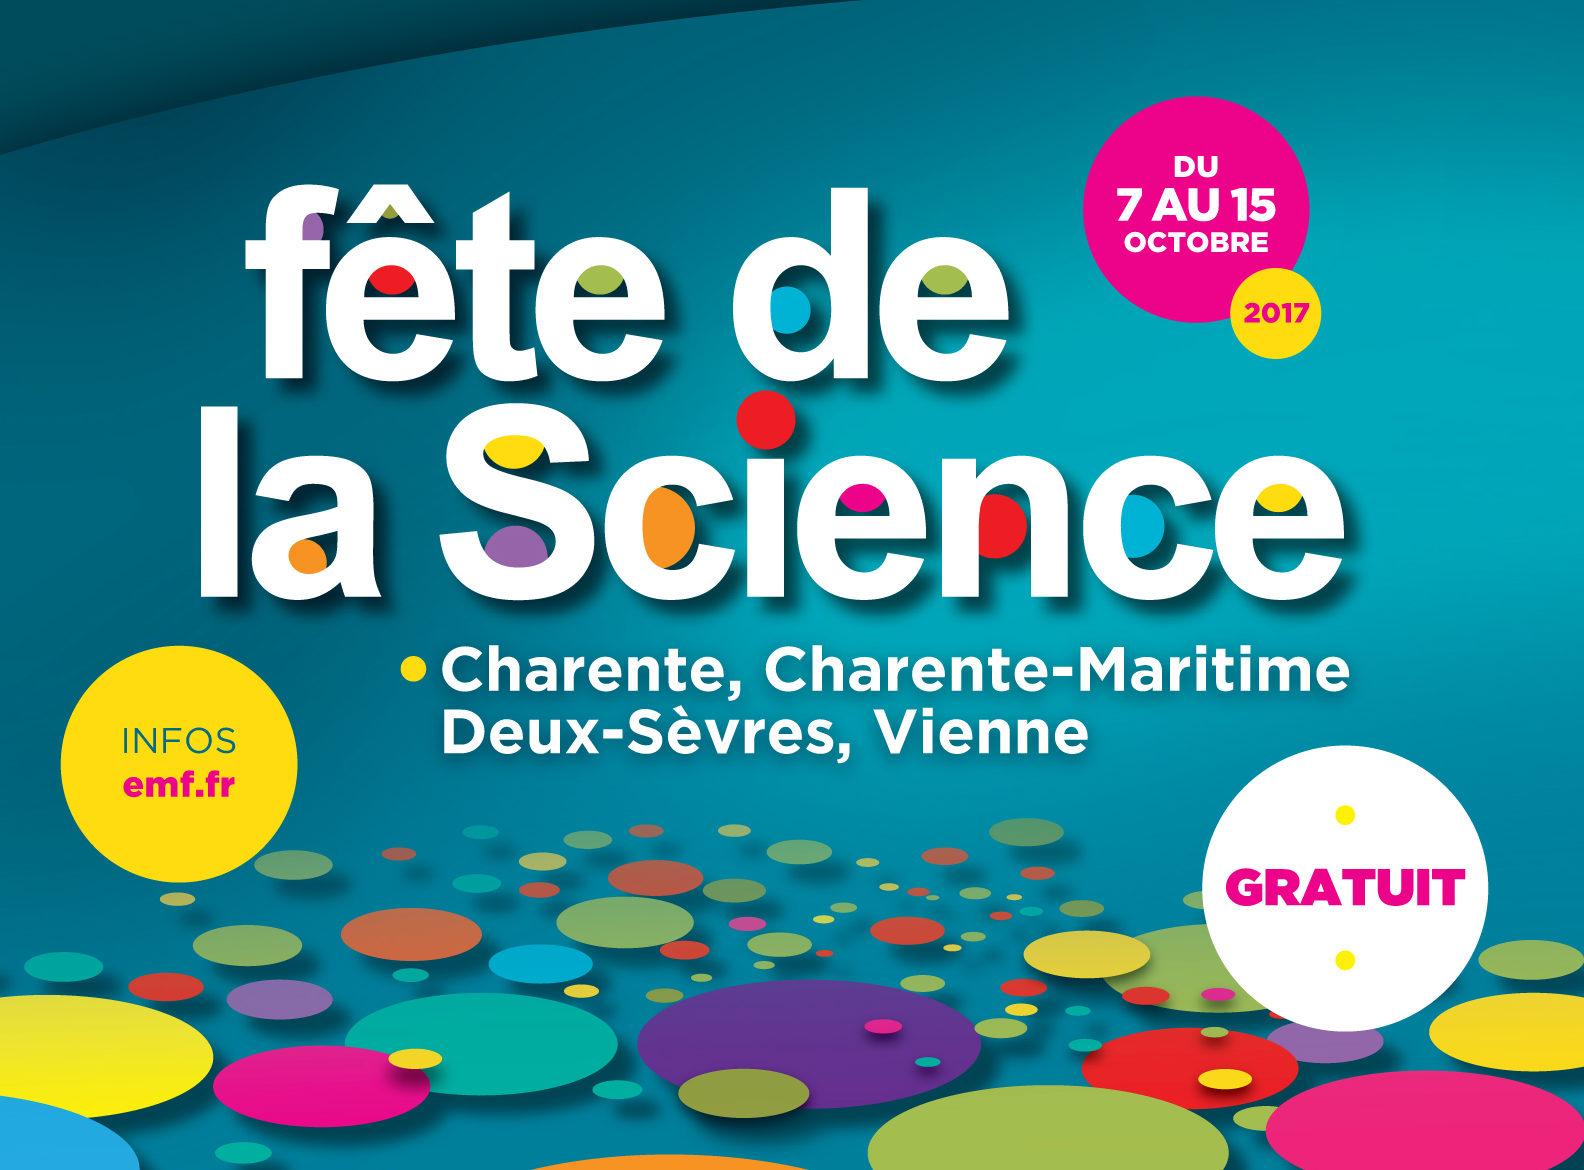 La Fête de la science du 7 au 15 octobre 2017 – Dans la Vienne et à l'Espace Mendès France